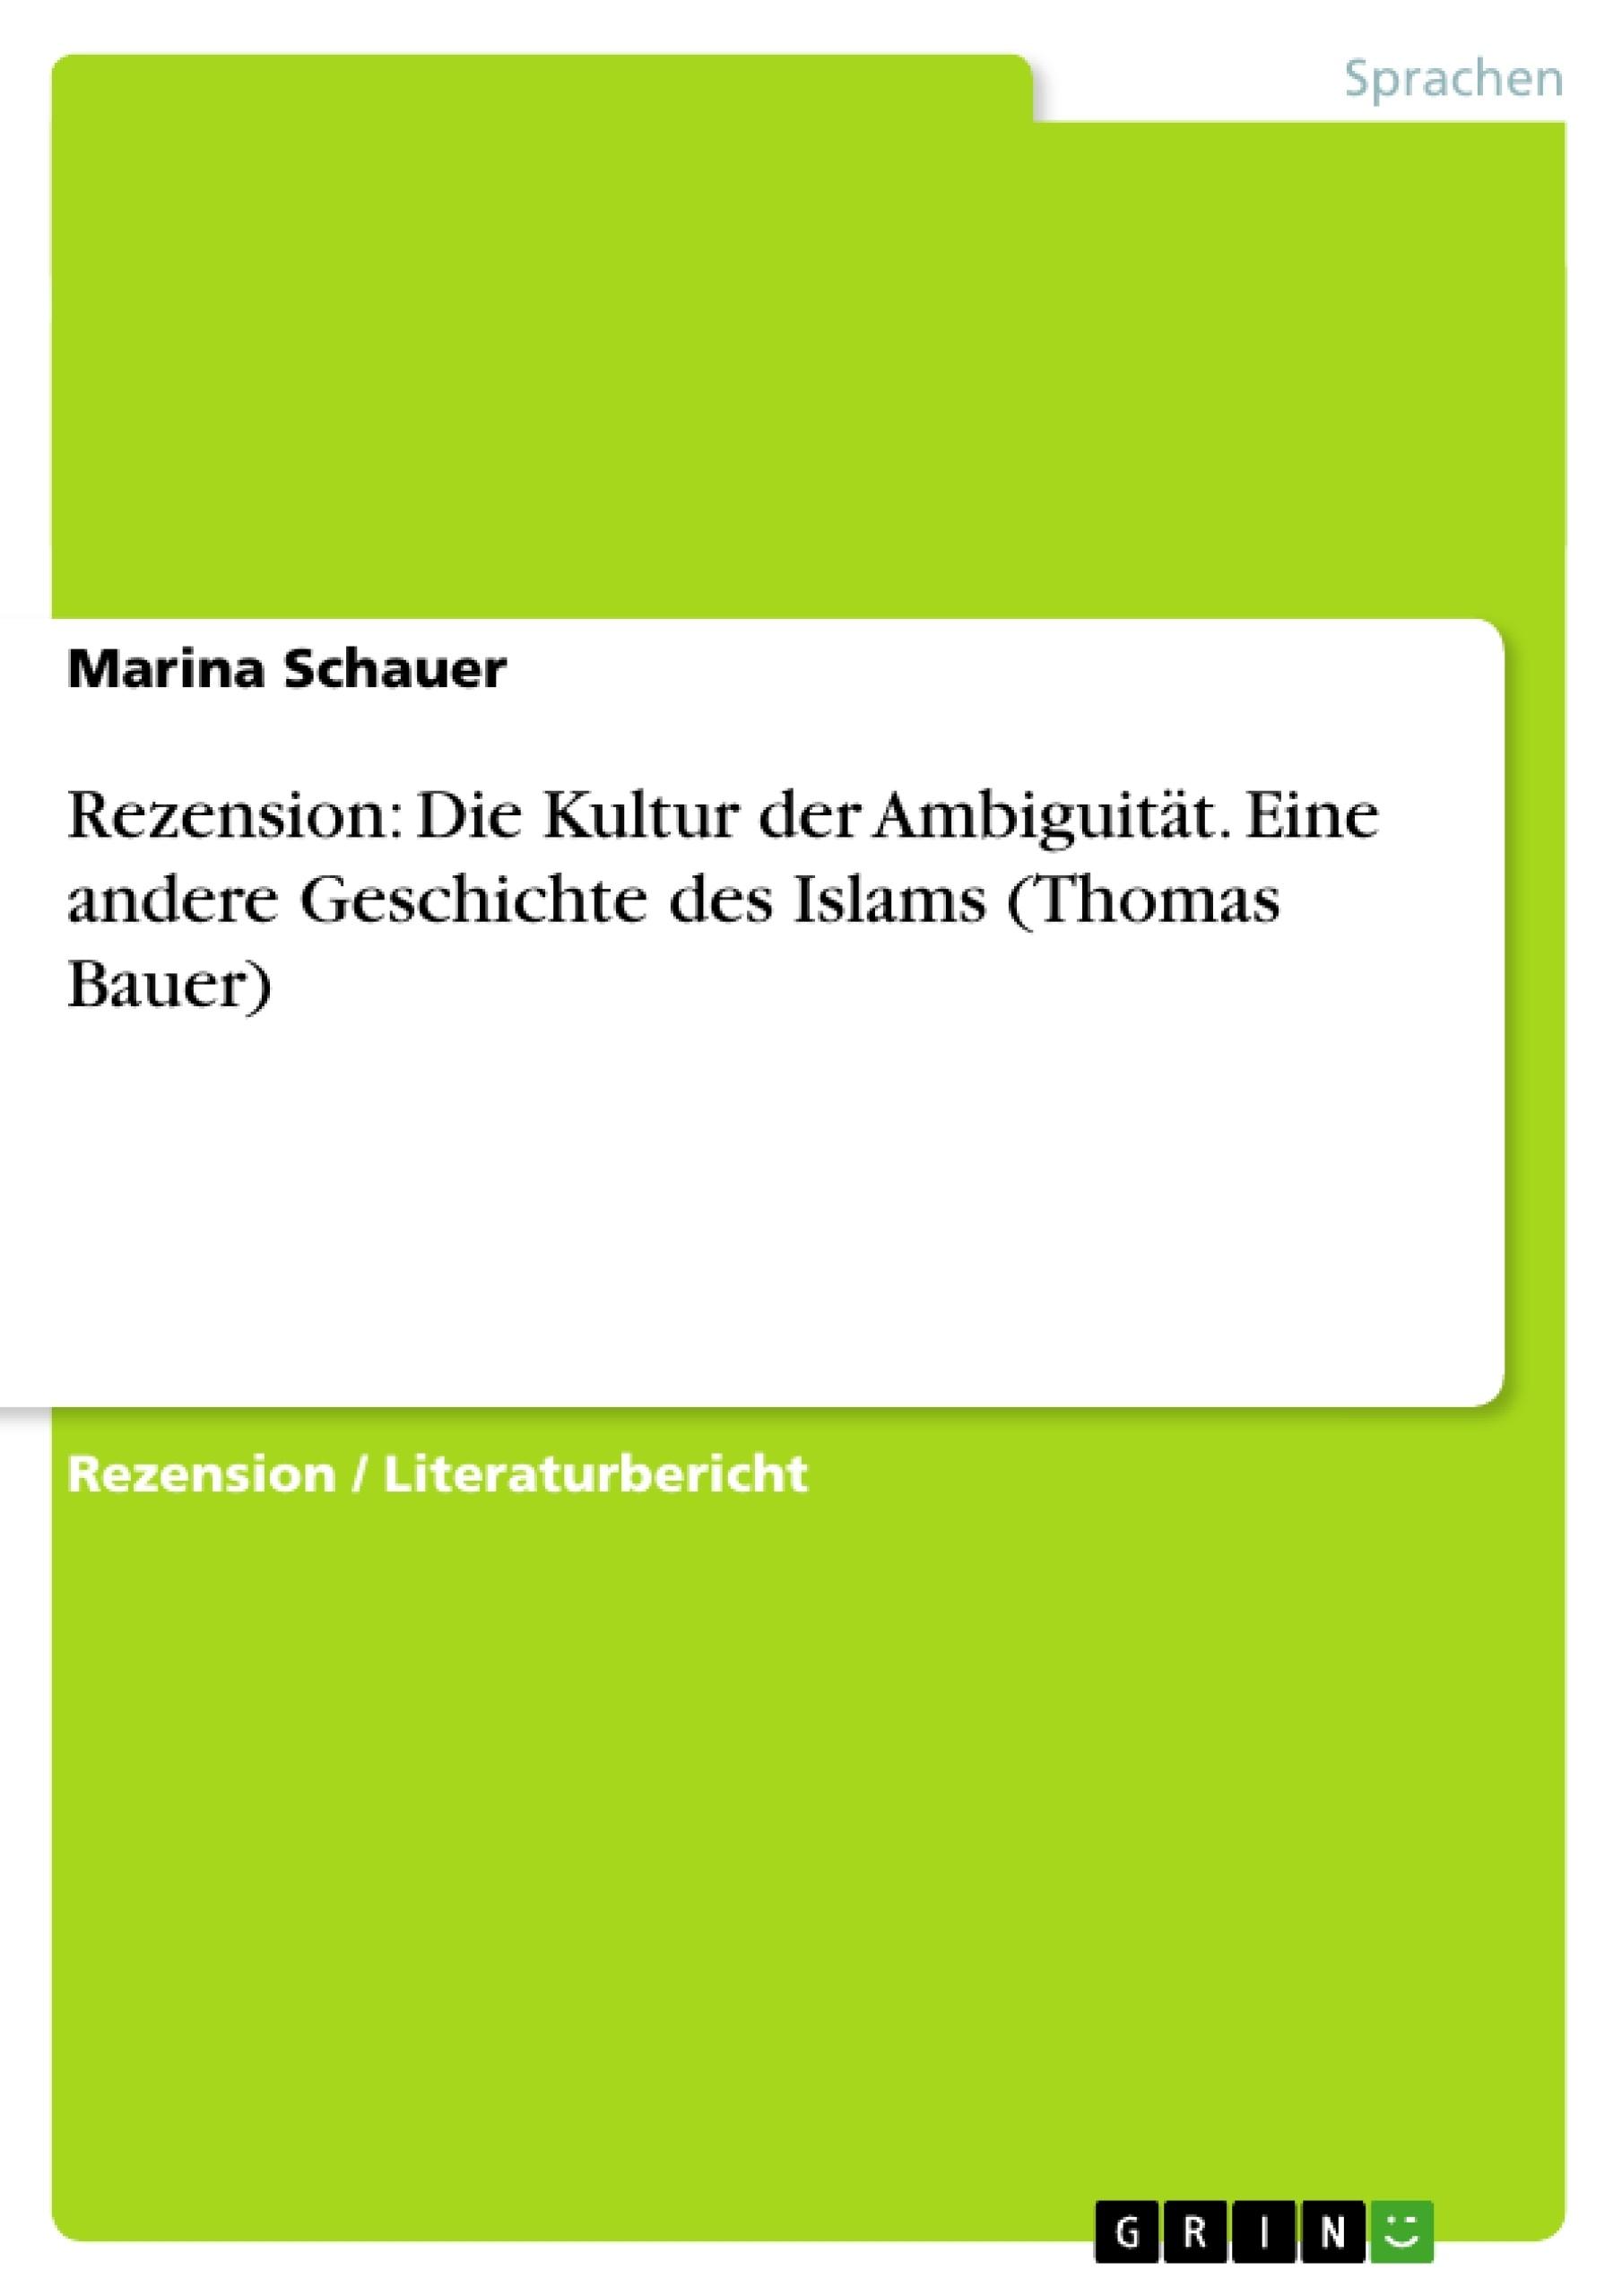 Titel: Rezension: Die Kultur der Ambiguität. Eine andere Geschichte des Islams (Thomas Bauer)